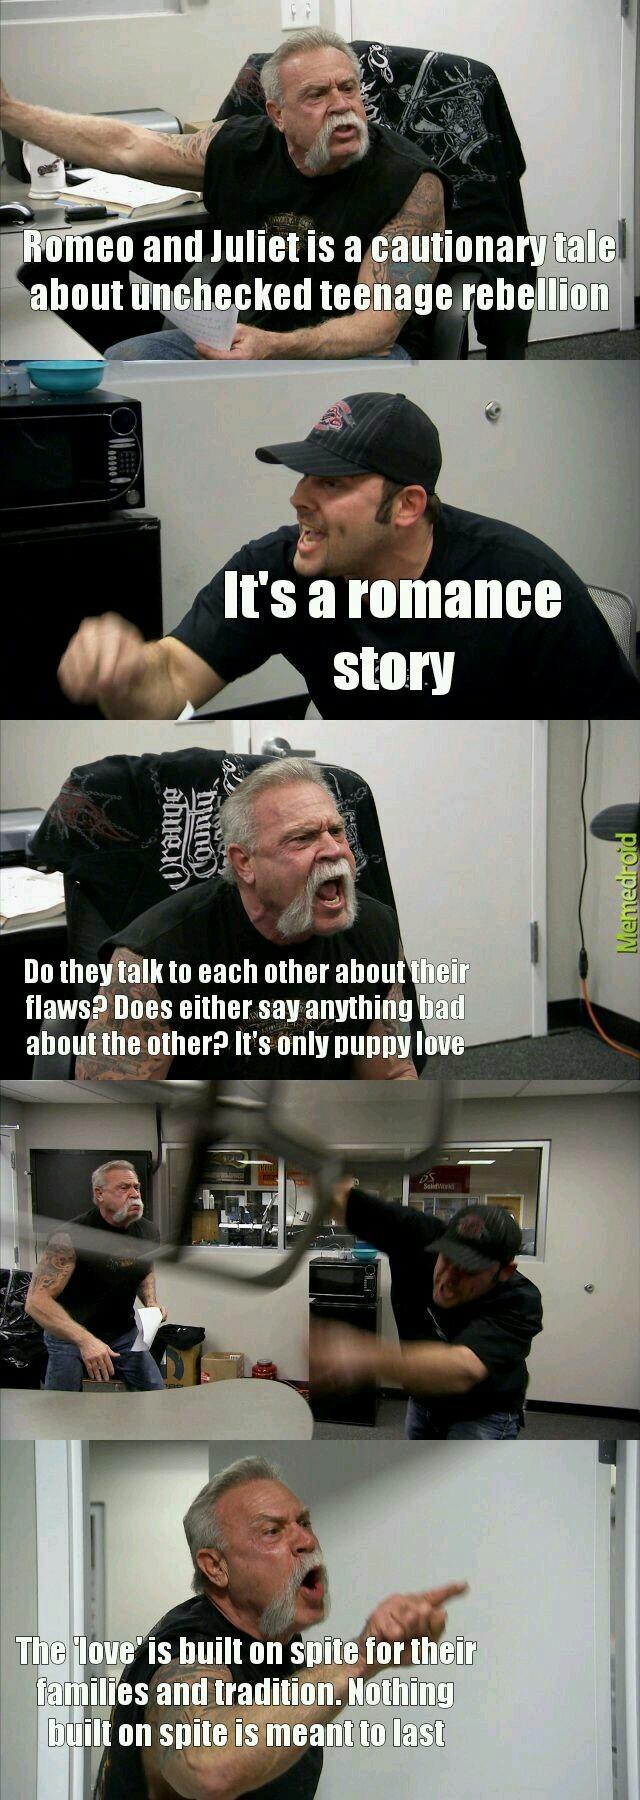 Its true aint it? - meme